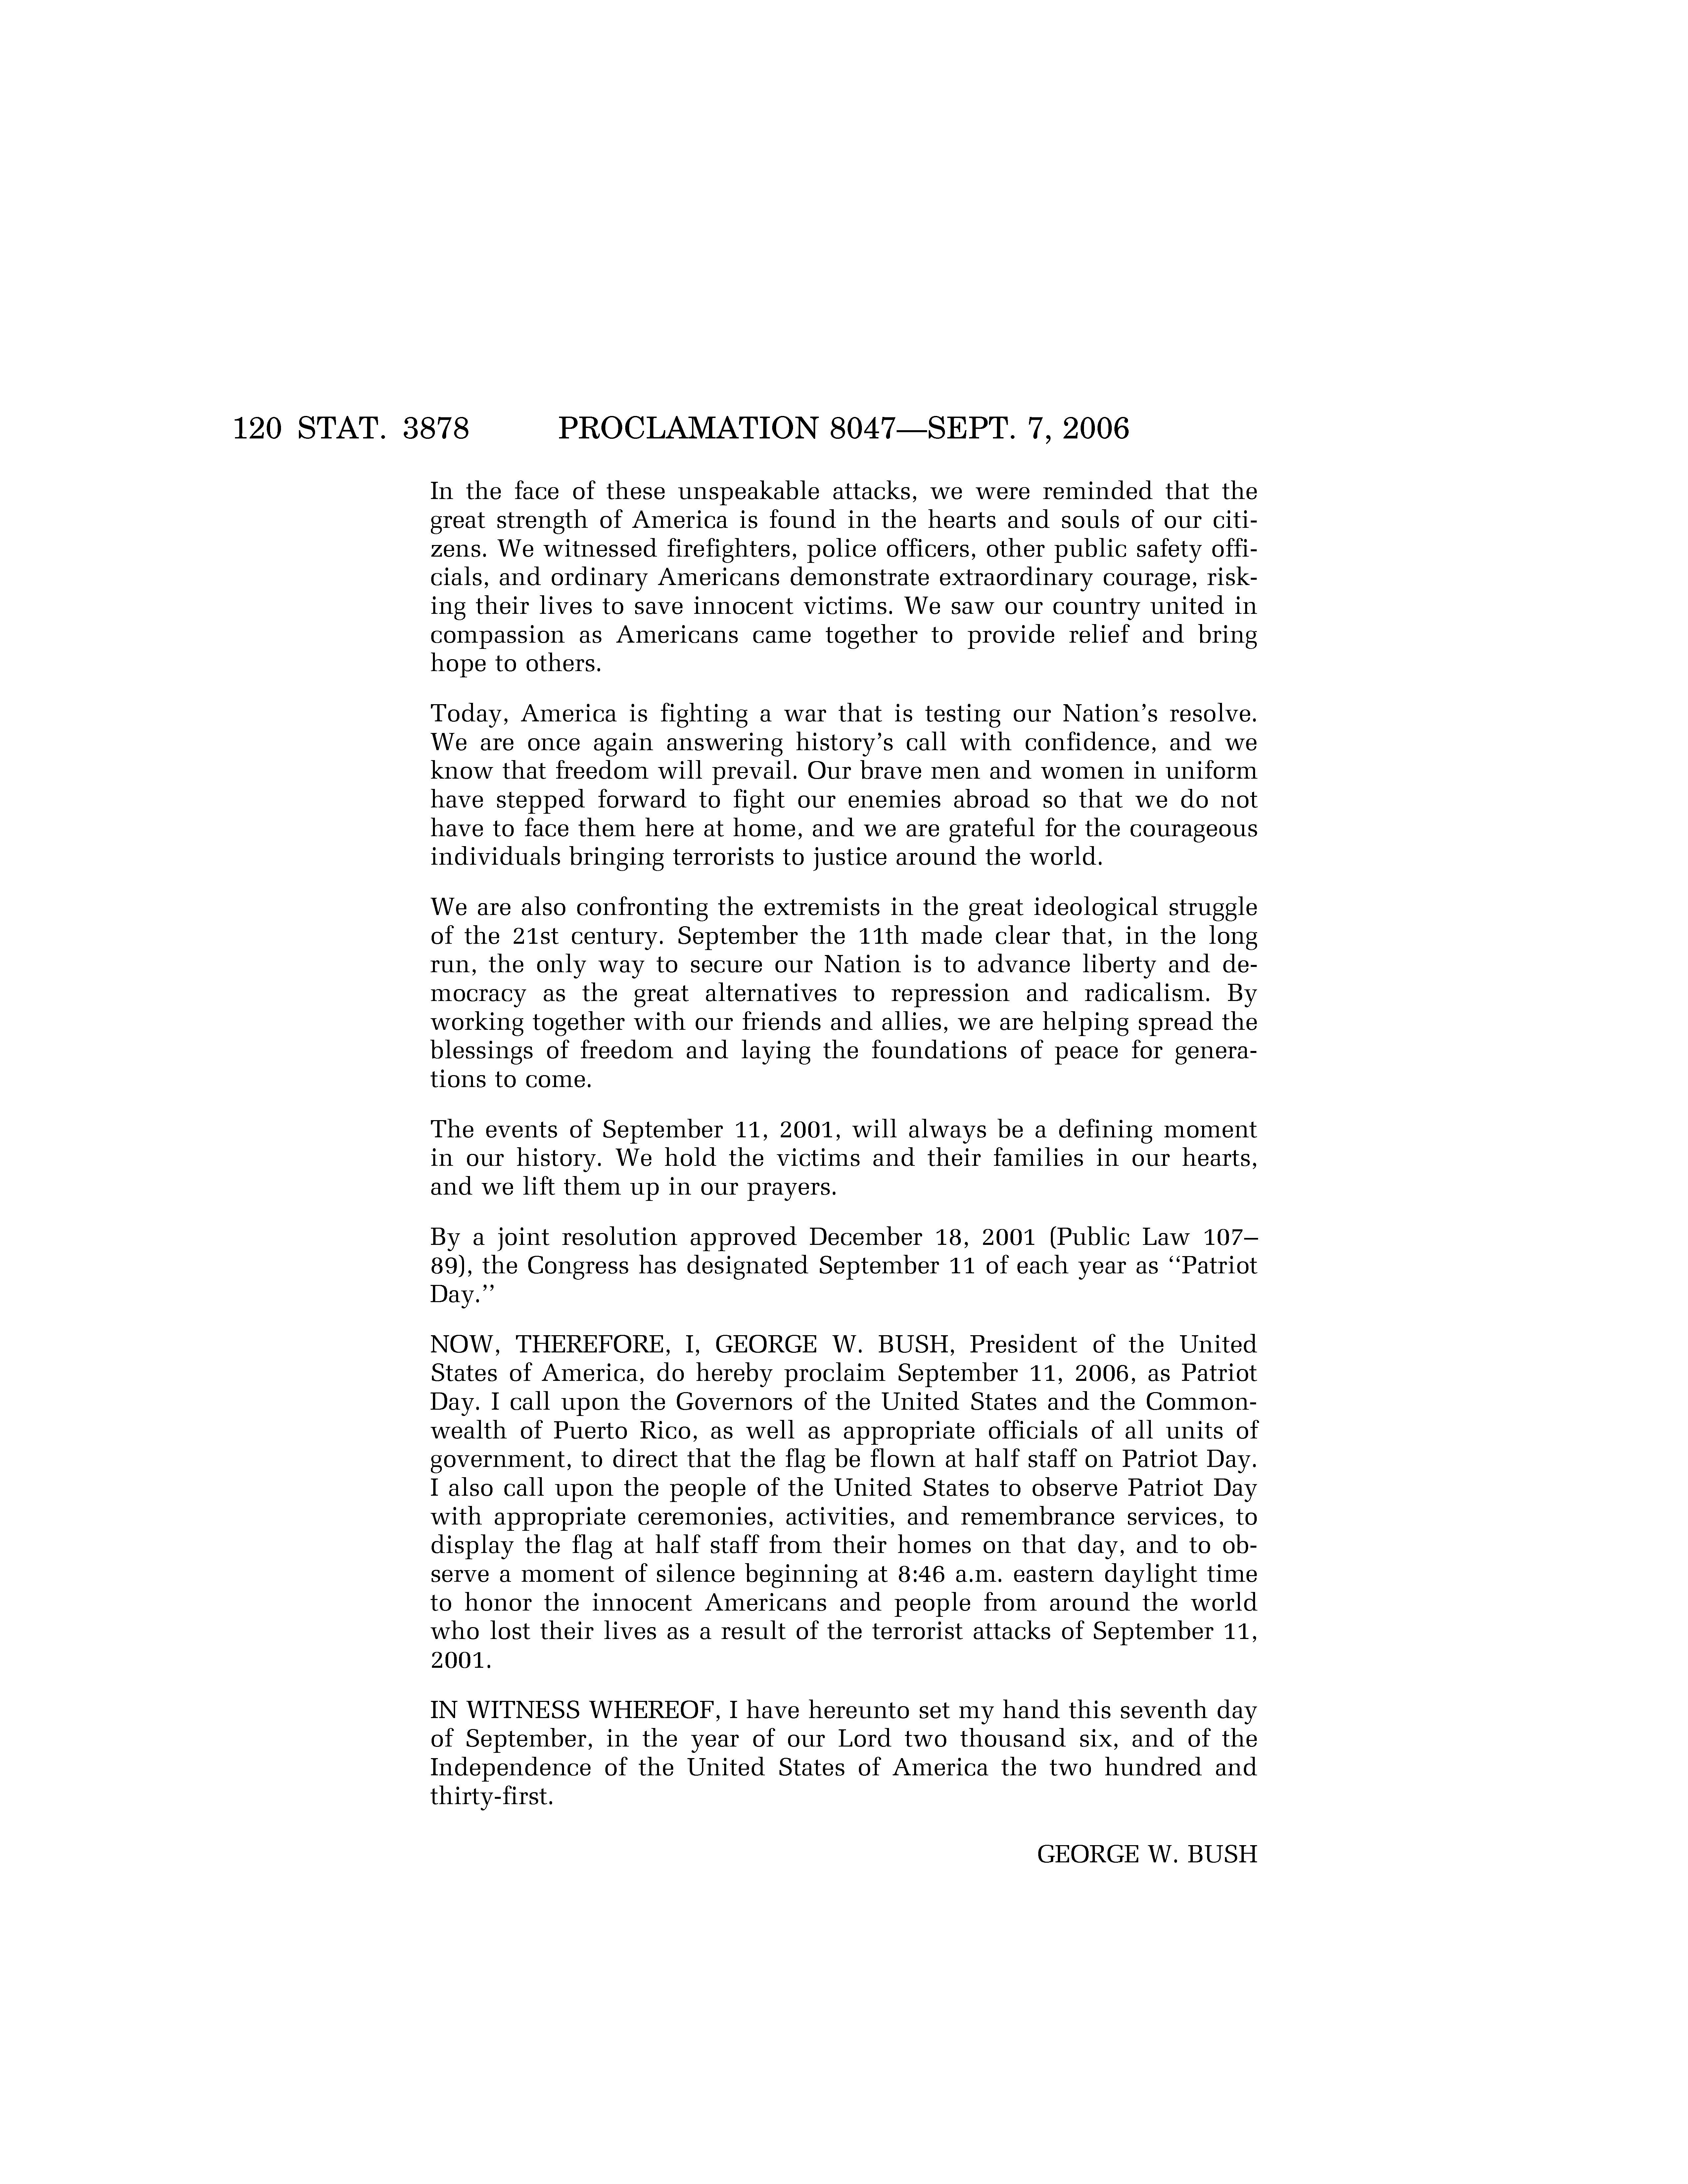 Page:United States Statutes at Large Volume 120 djvu/3909